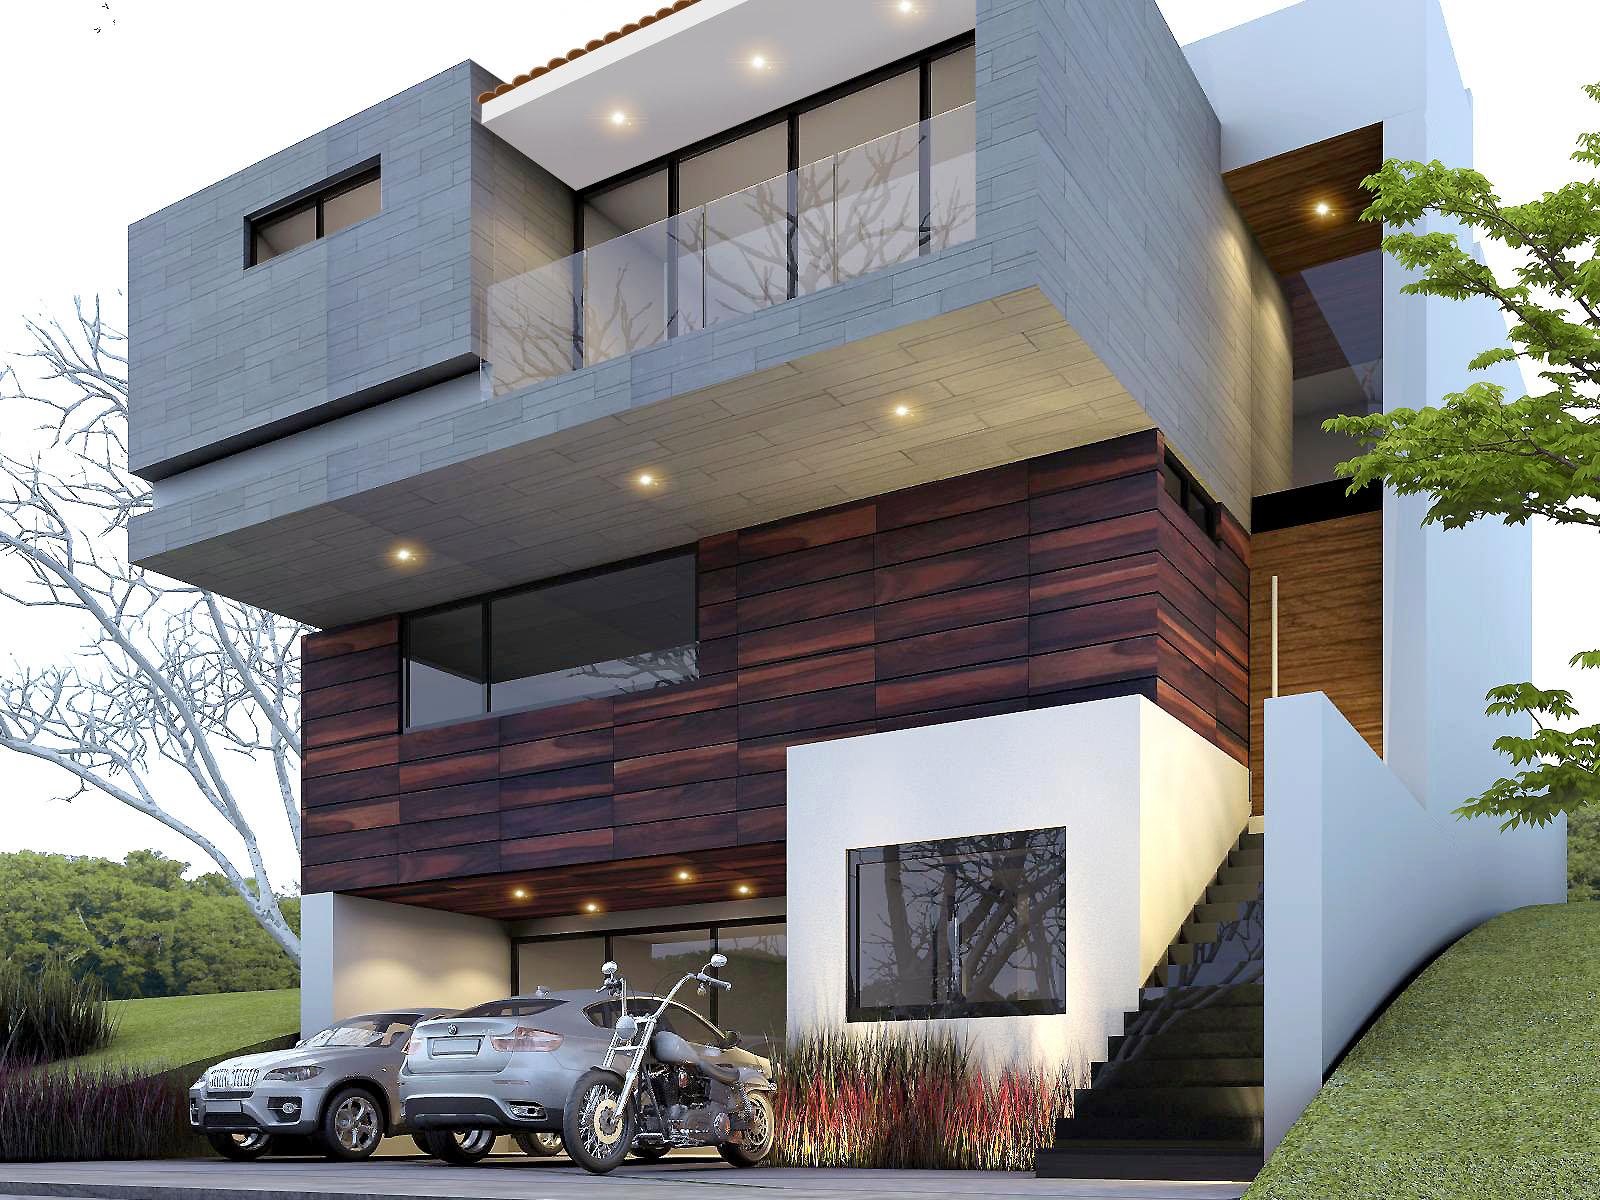 fachada de casa moderna minimalista de tres pisos en lote inclinado